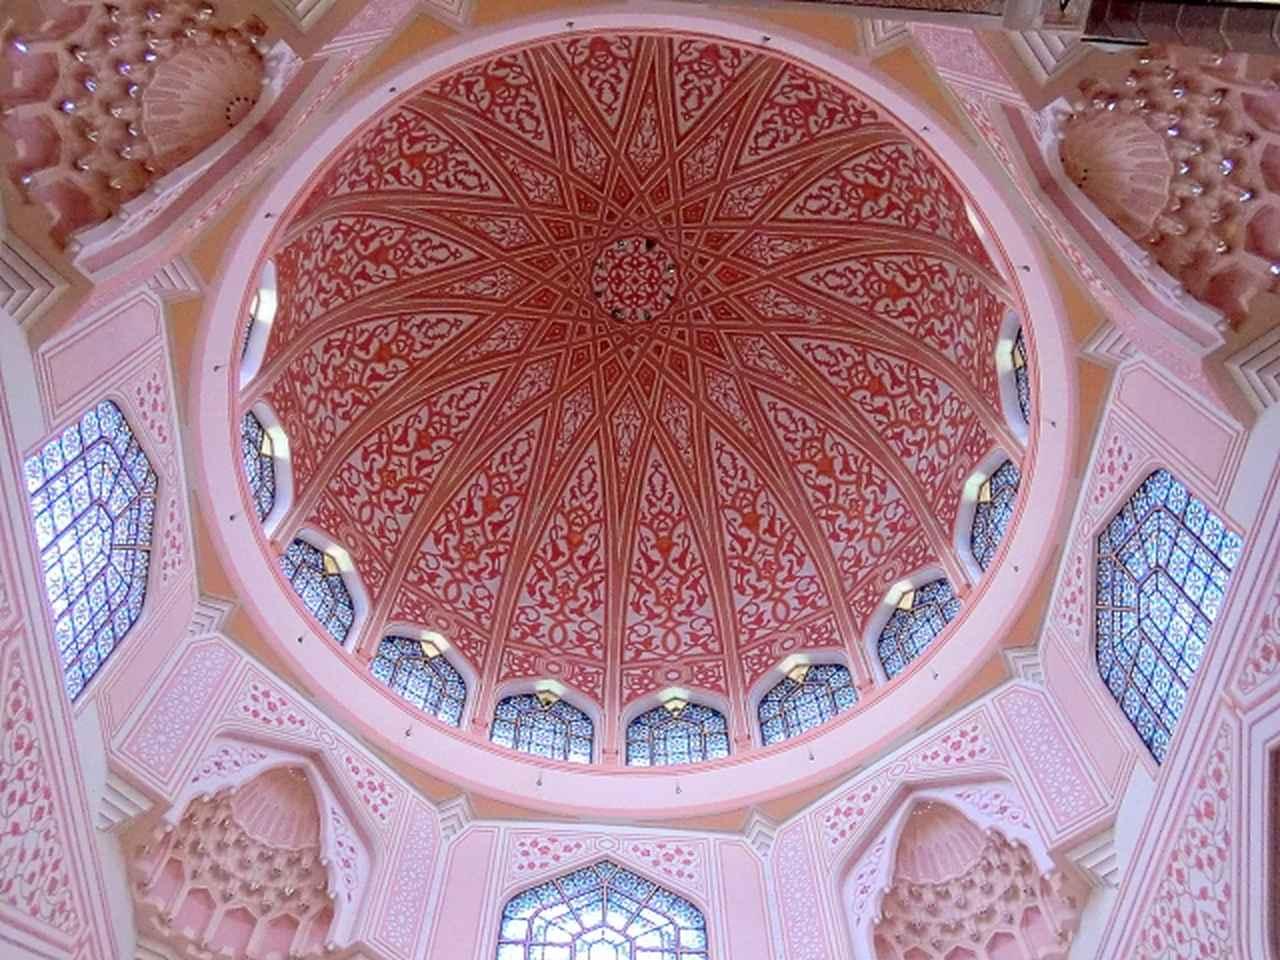 画像: 中央のドームを内部から撮影。ローズピンクの色合いとステンドグラスから差し込む光が美しい